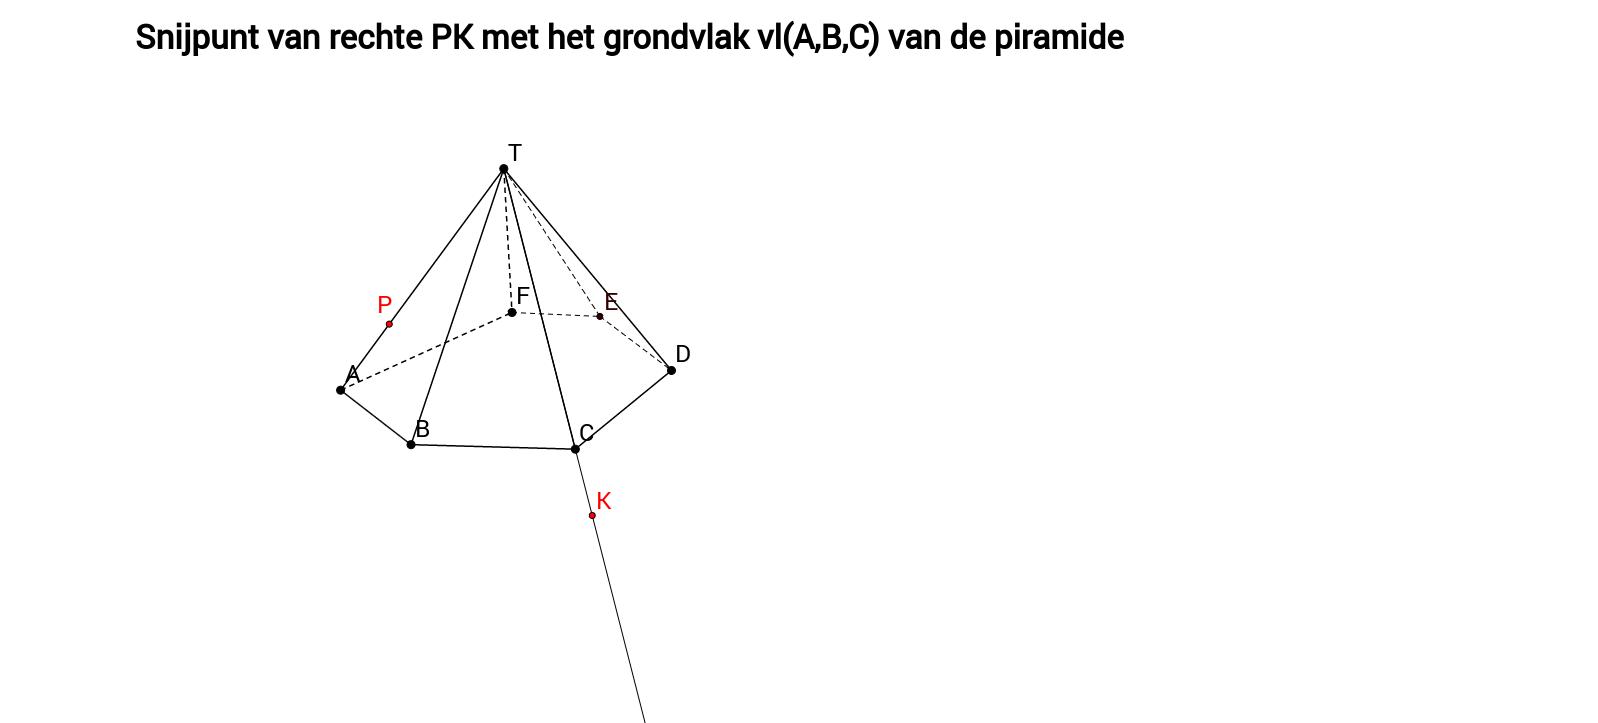 Snijpunt van rechte PK met het grondvlak van piramide